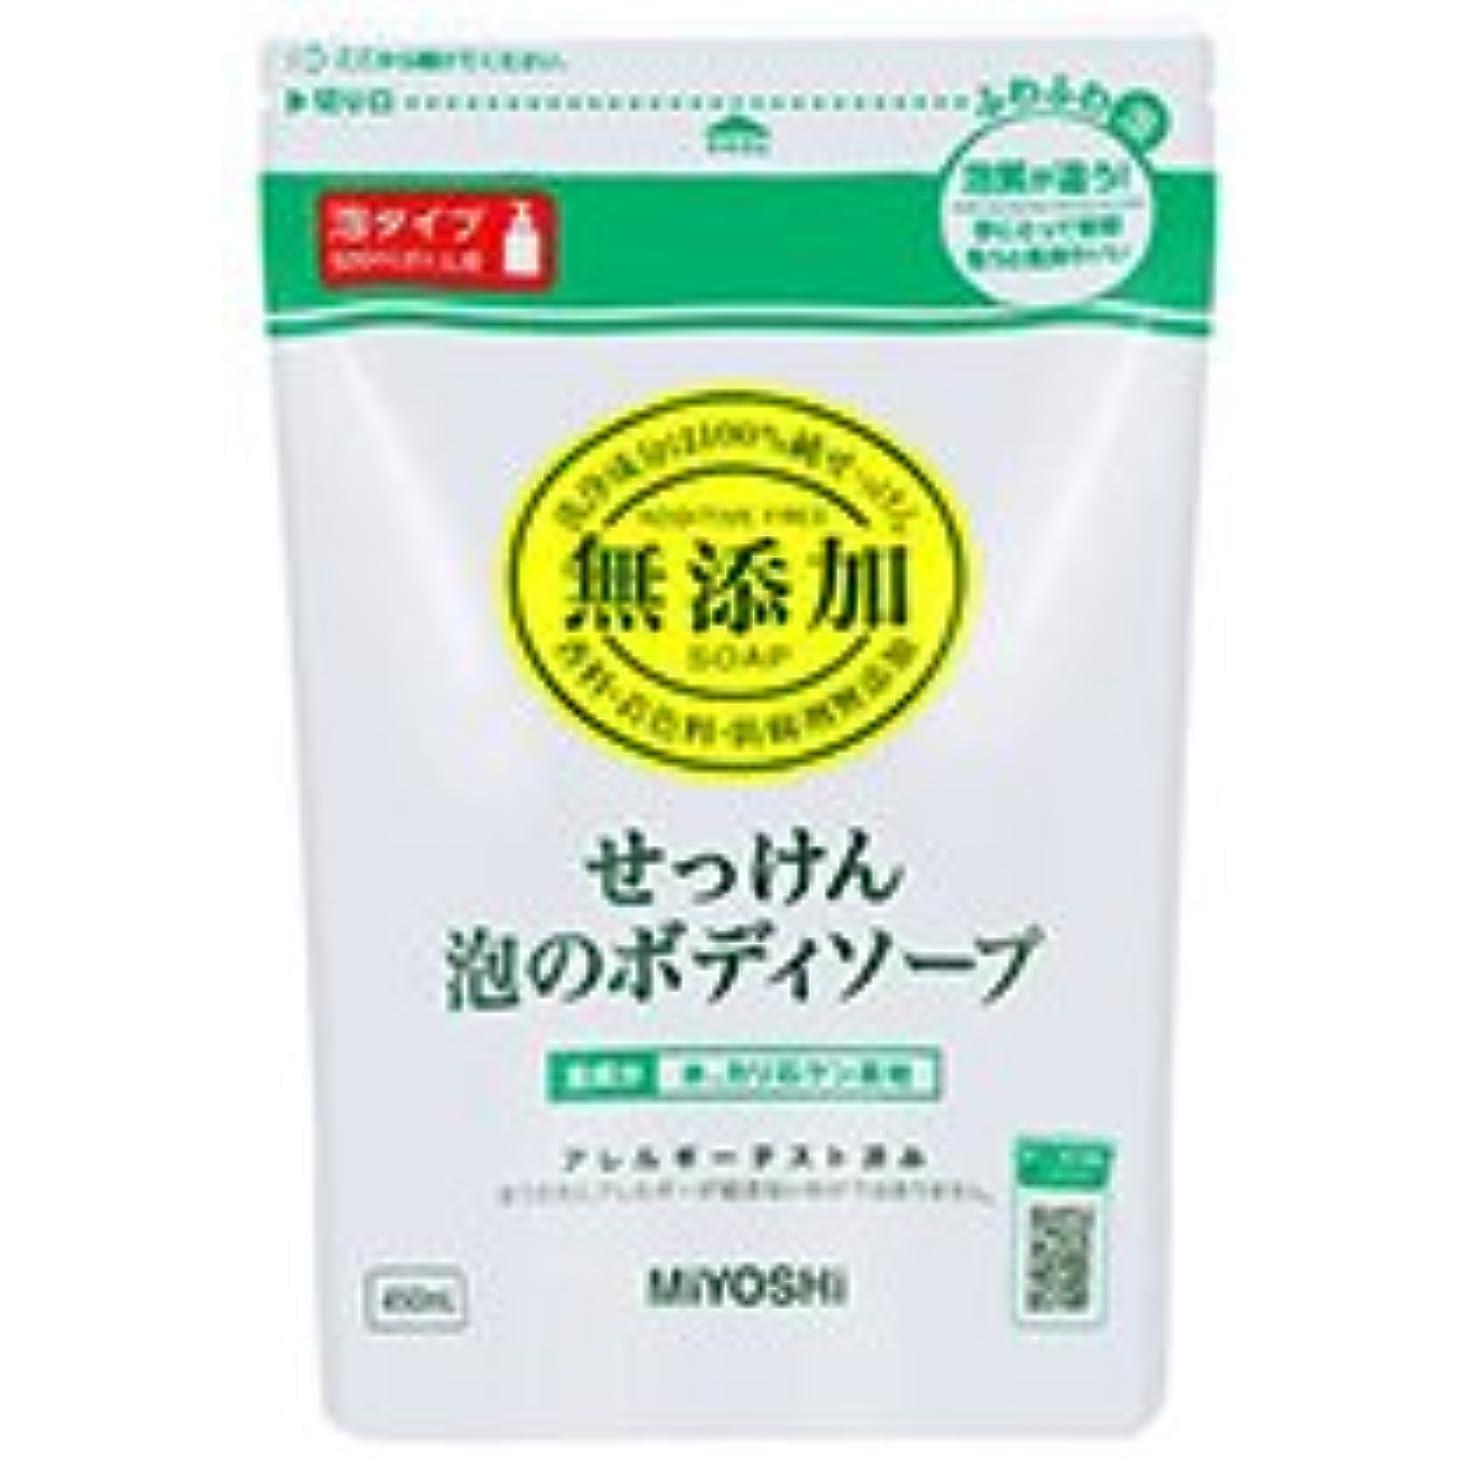 同情的くるみピンチミヨシ石鹸 無添加せっけん 泡のボディソープ 詰替用 450ml 1個